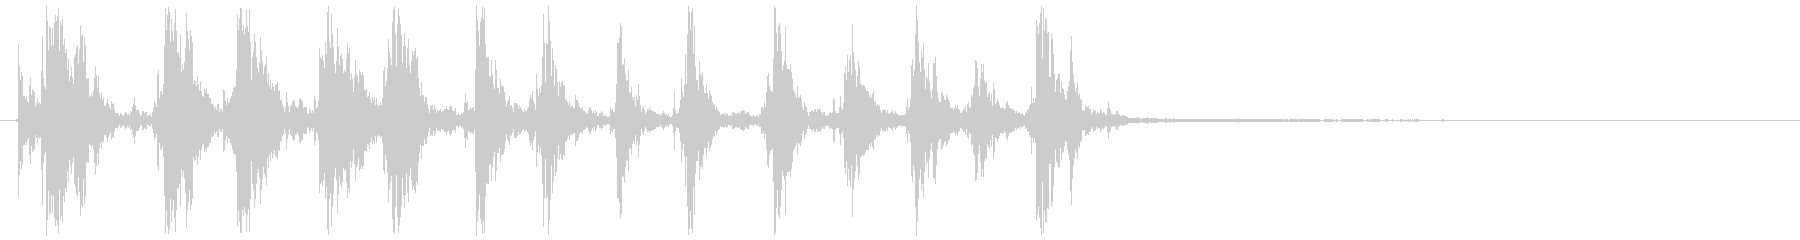 生録音のトイタンバリンの未再生の波形